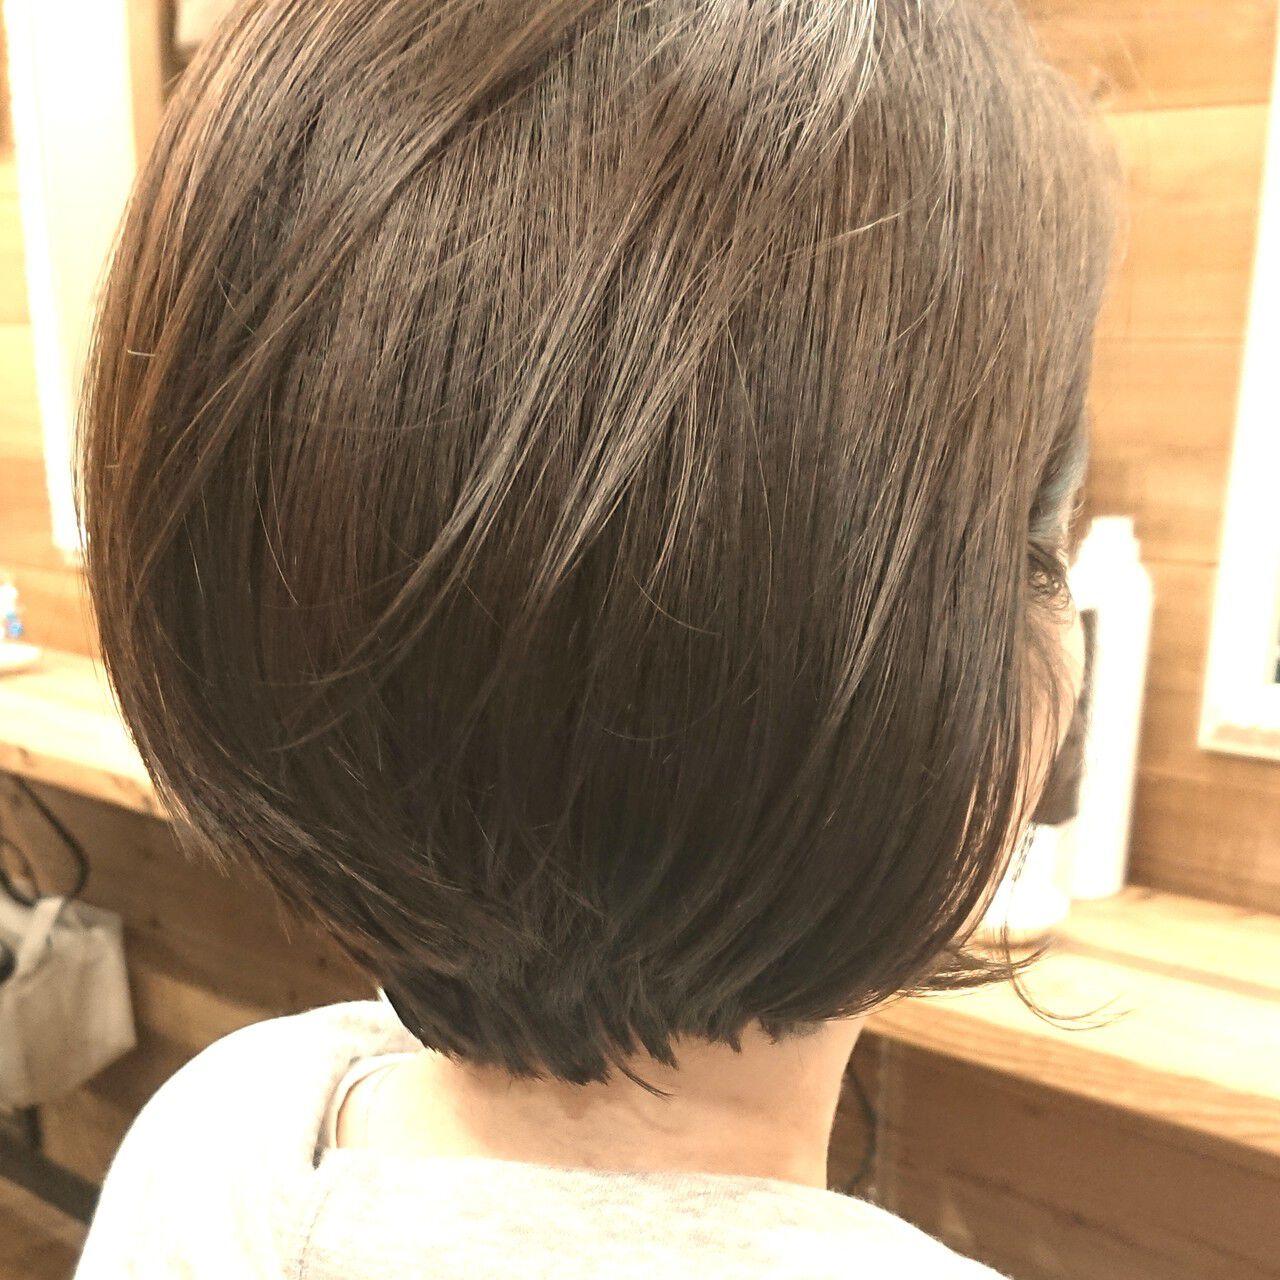 アッシュベージュ ハンサムショート 大人女子 大人ショートヘアスタイルや髪型の写真・画像